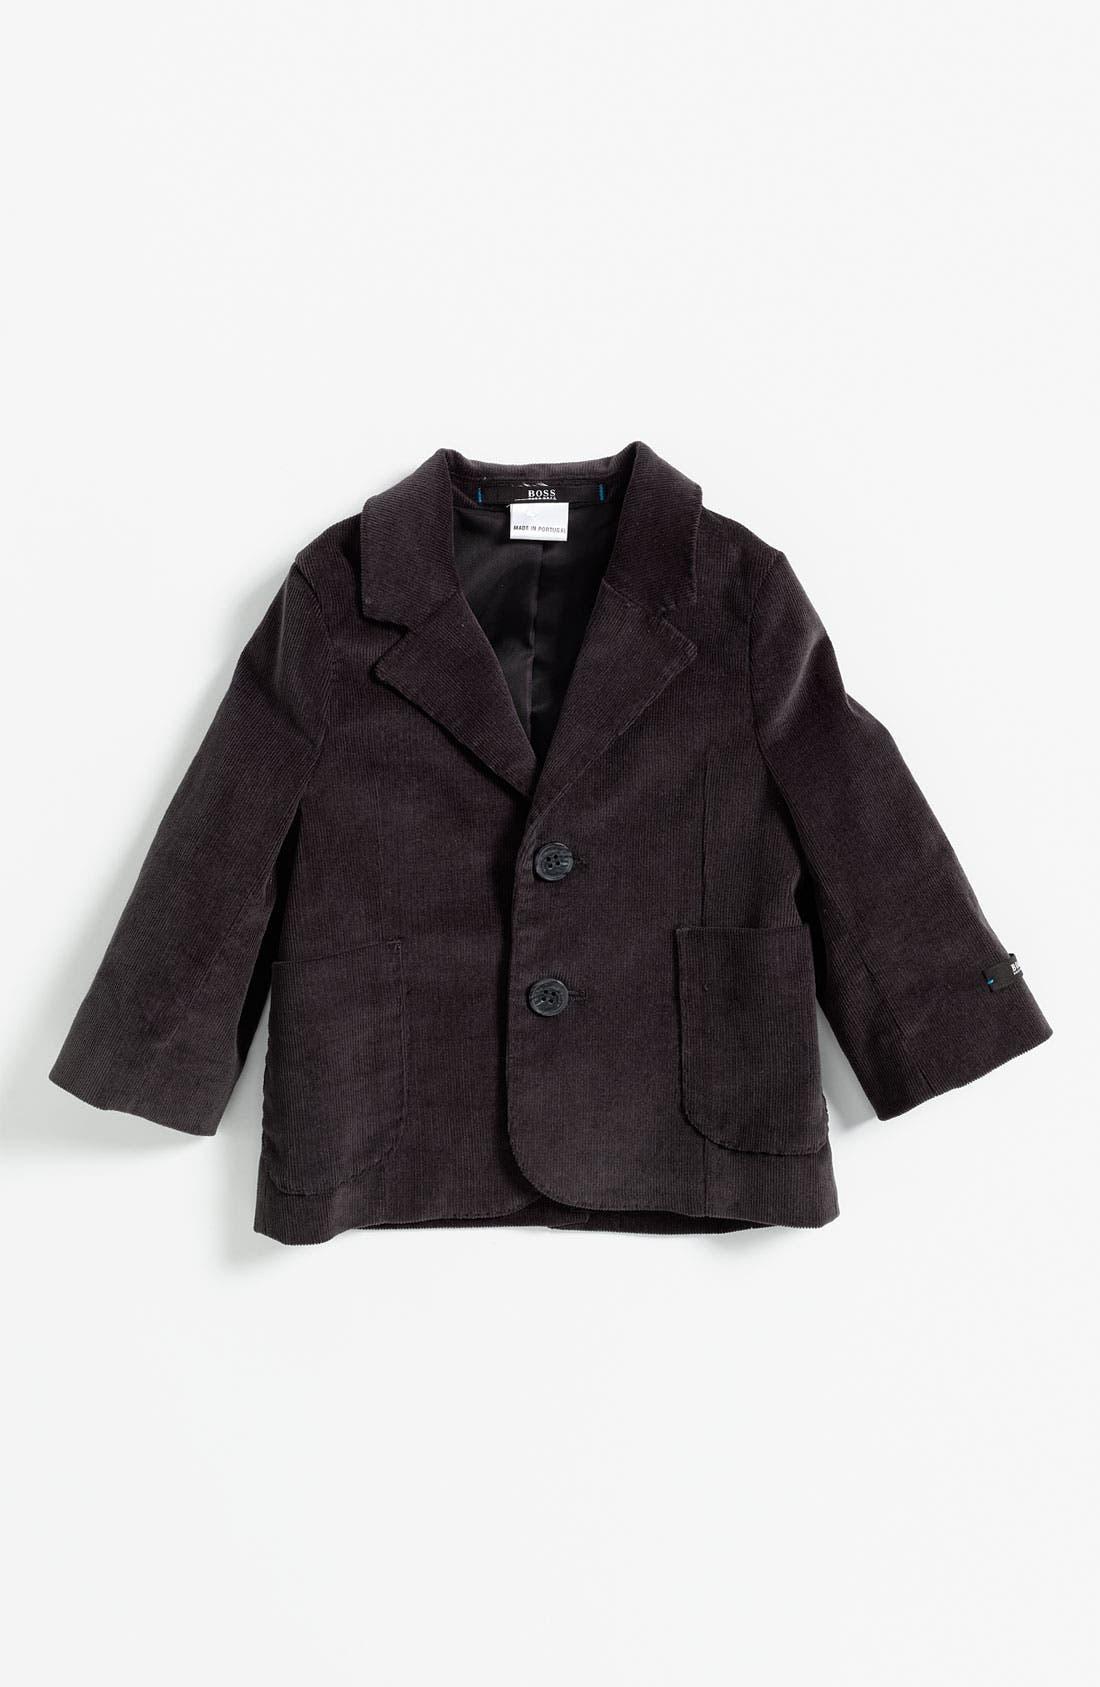 Main Image - BOSS Kidswear Velvet Jacket (Infant)